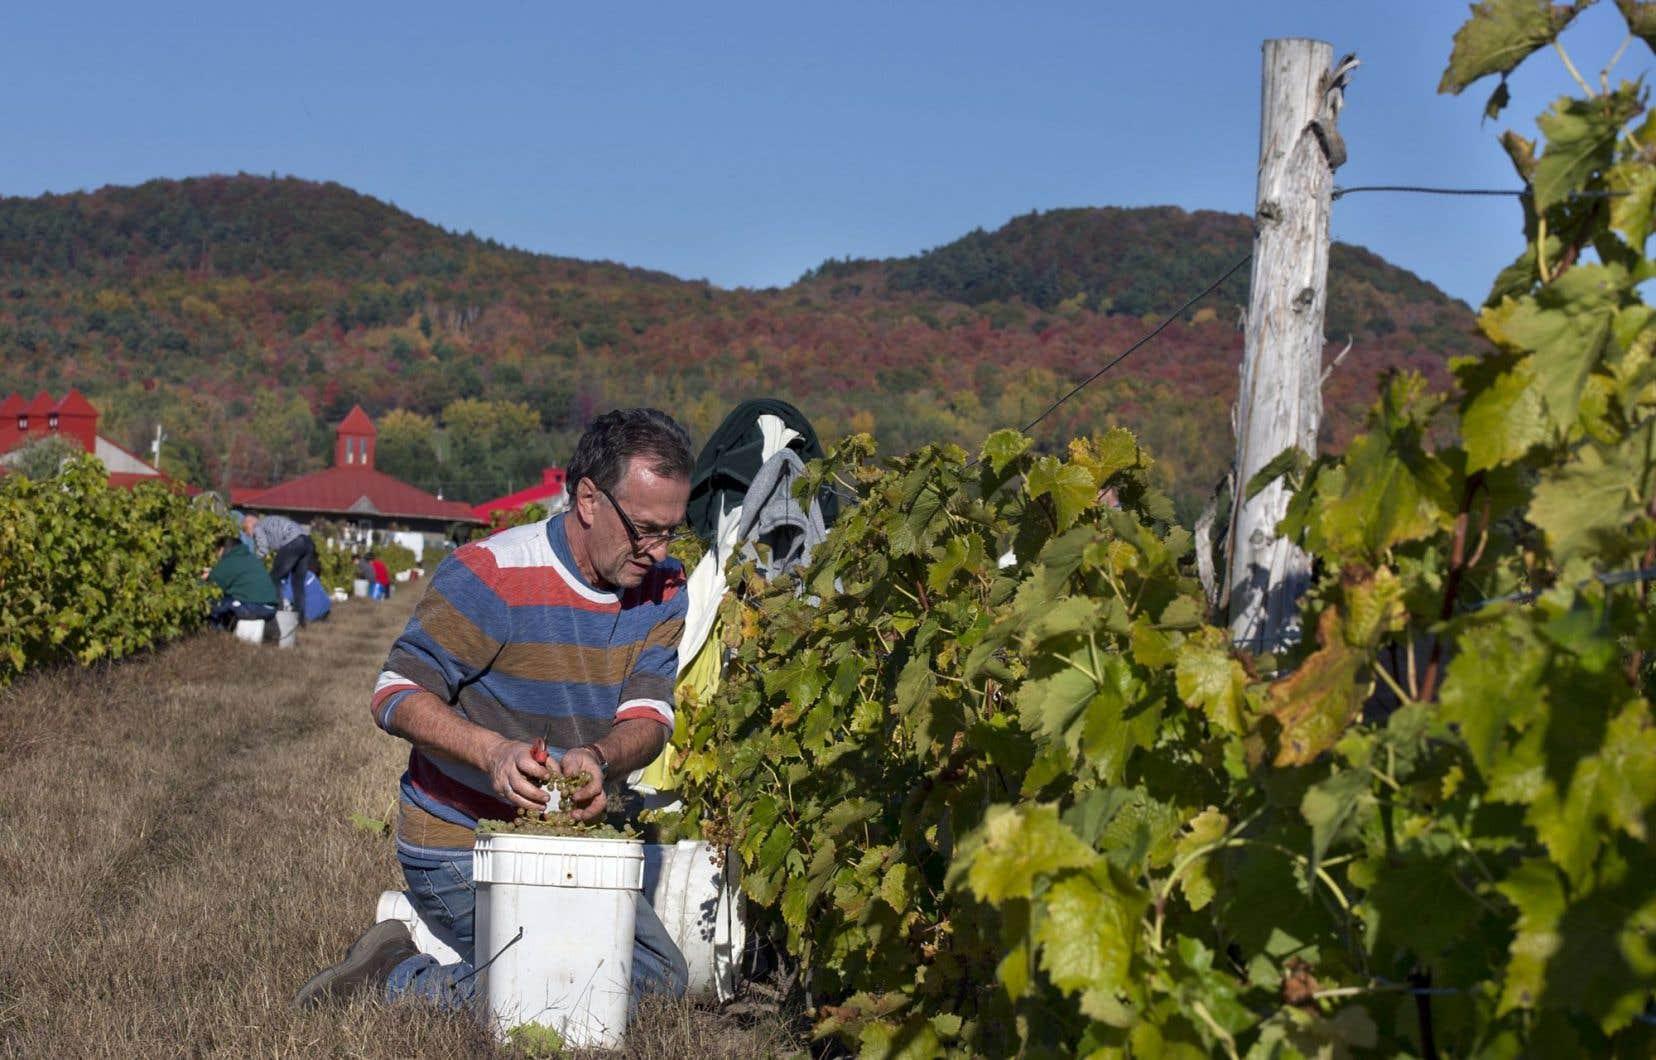 Au Québec, ce qui se rapproche le plus du tourisme durable est le réseau des circuits thématiques agrotouristiques ou patrimoniaux, tels que la Route des vins, le Circuit du paysan ou le Tour gourmand de la Gaspésie.